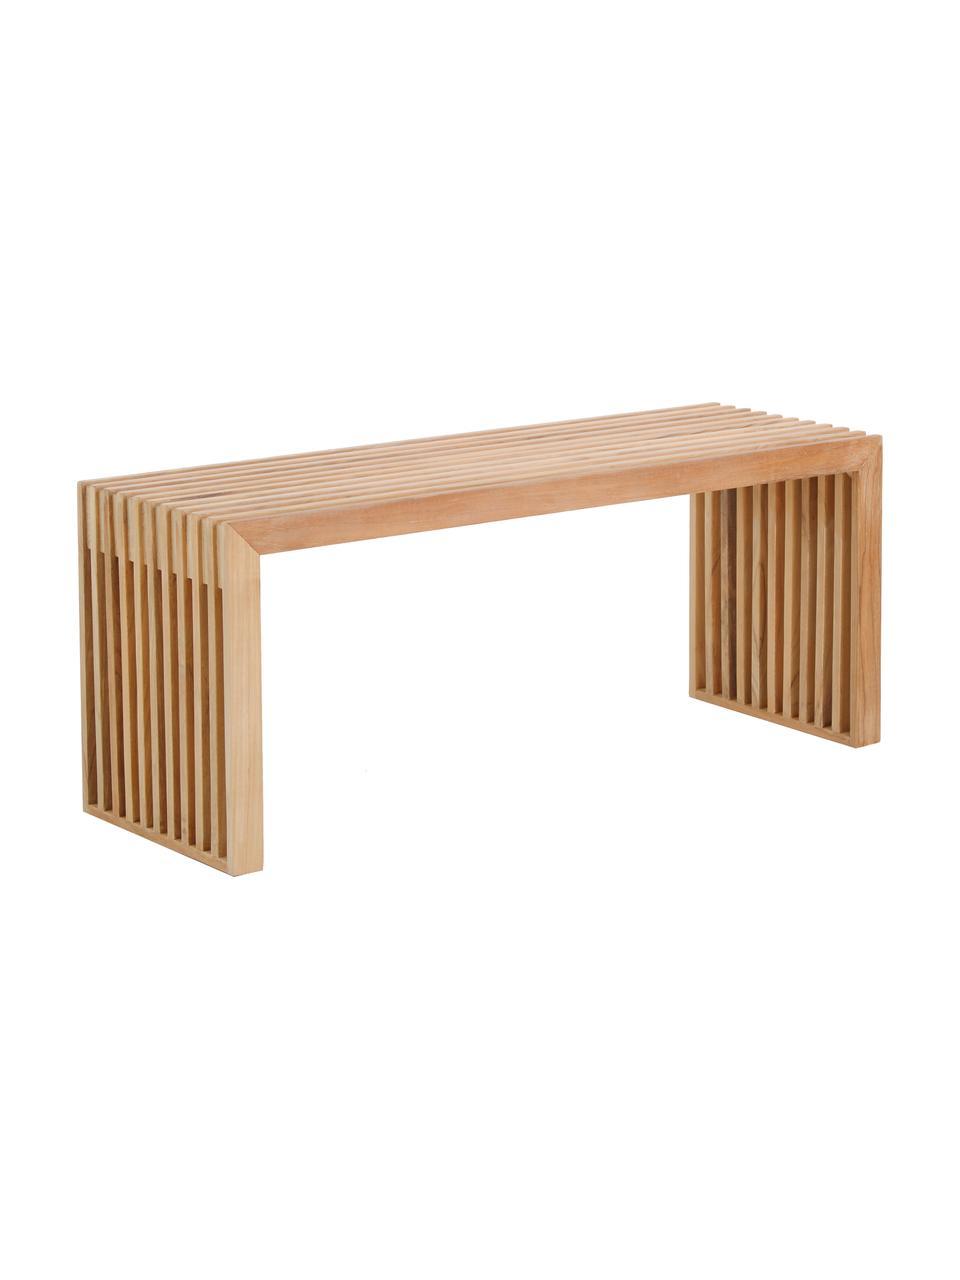 Ławka z litego drewna tekowego Rib, Drewno tekowe, Drewno tekowe, S 104 x W 43 cm